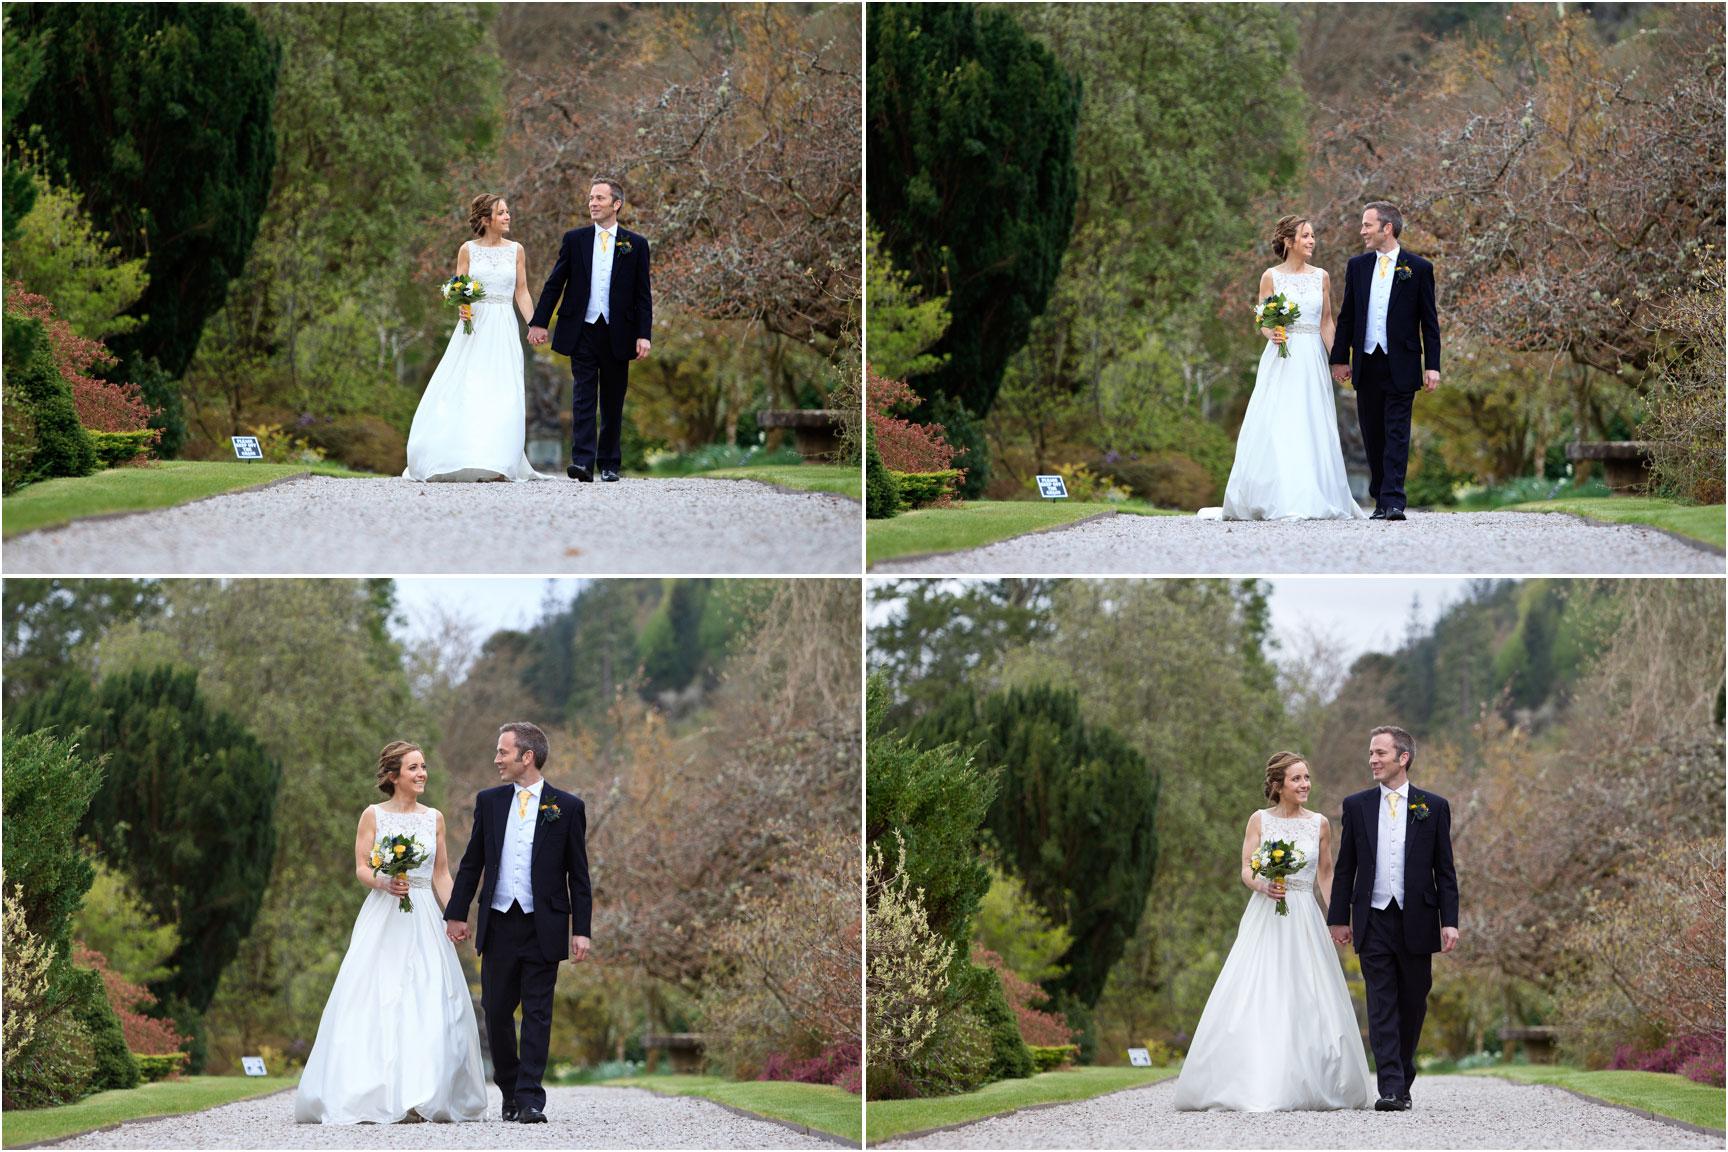 inveraray-castle-wedding-photos